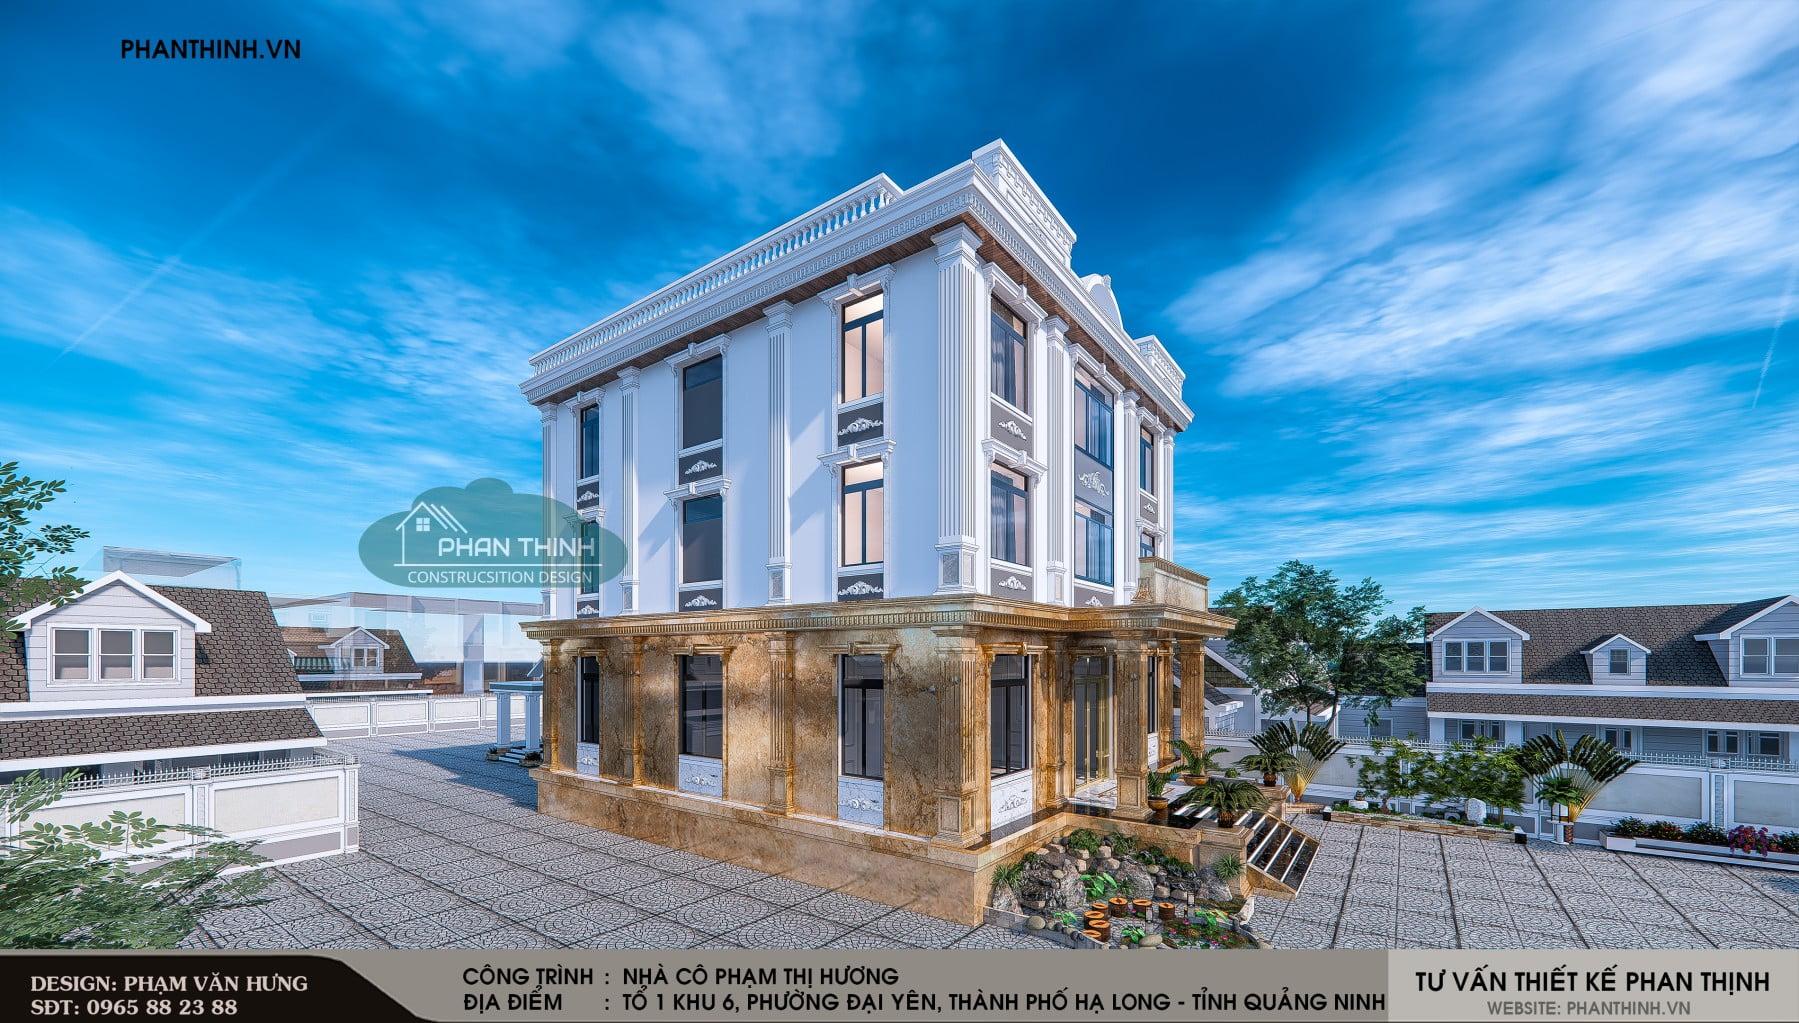 Thiết kế phối cảnh góc căn nhà nghỉ 3 tầng tân cổ điển tại Quảng Ninh